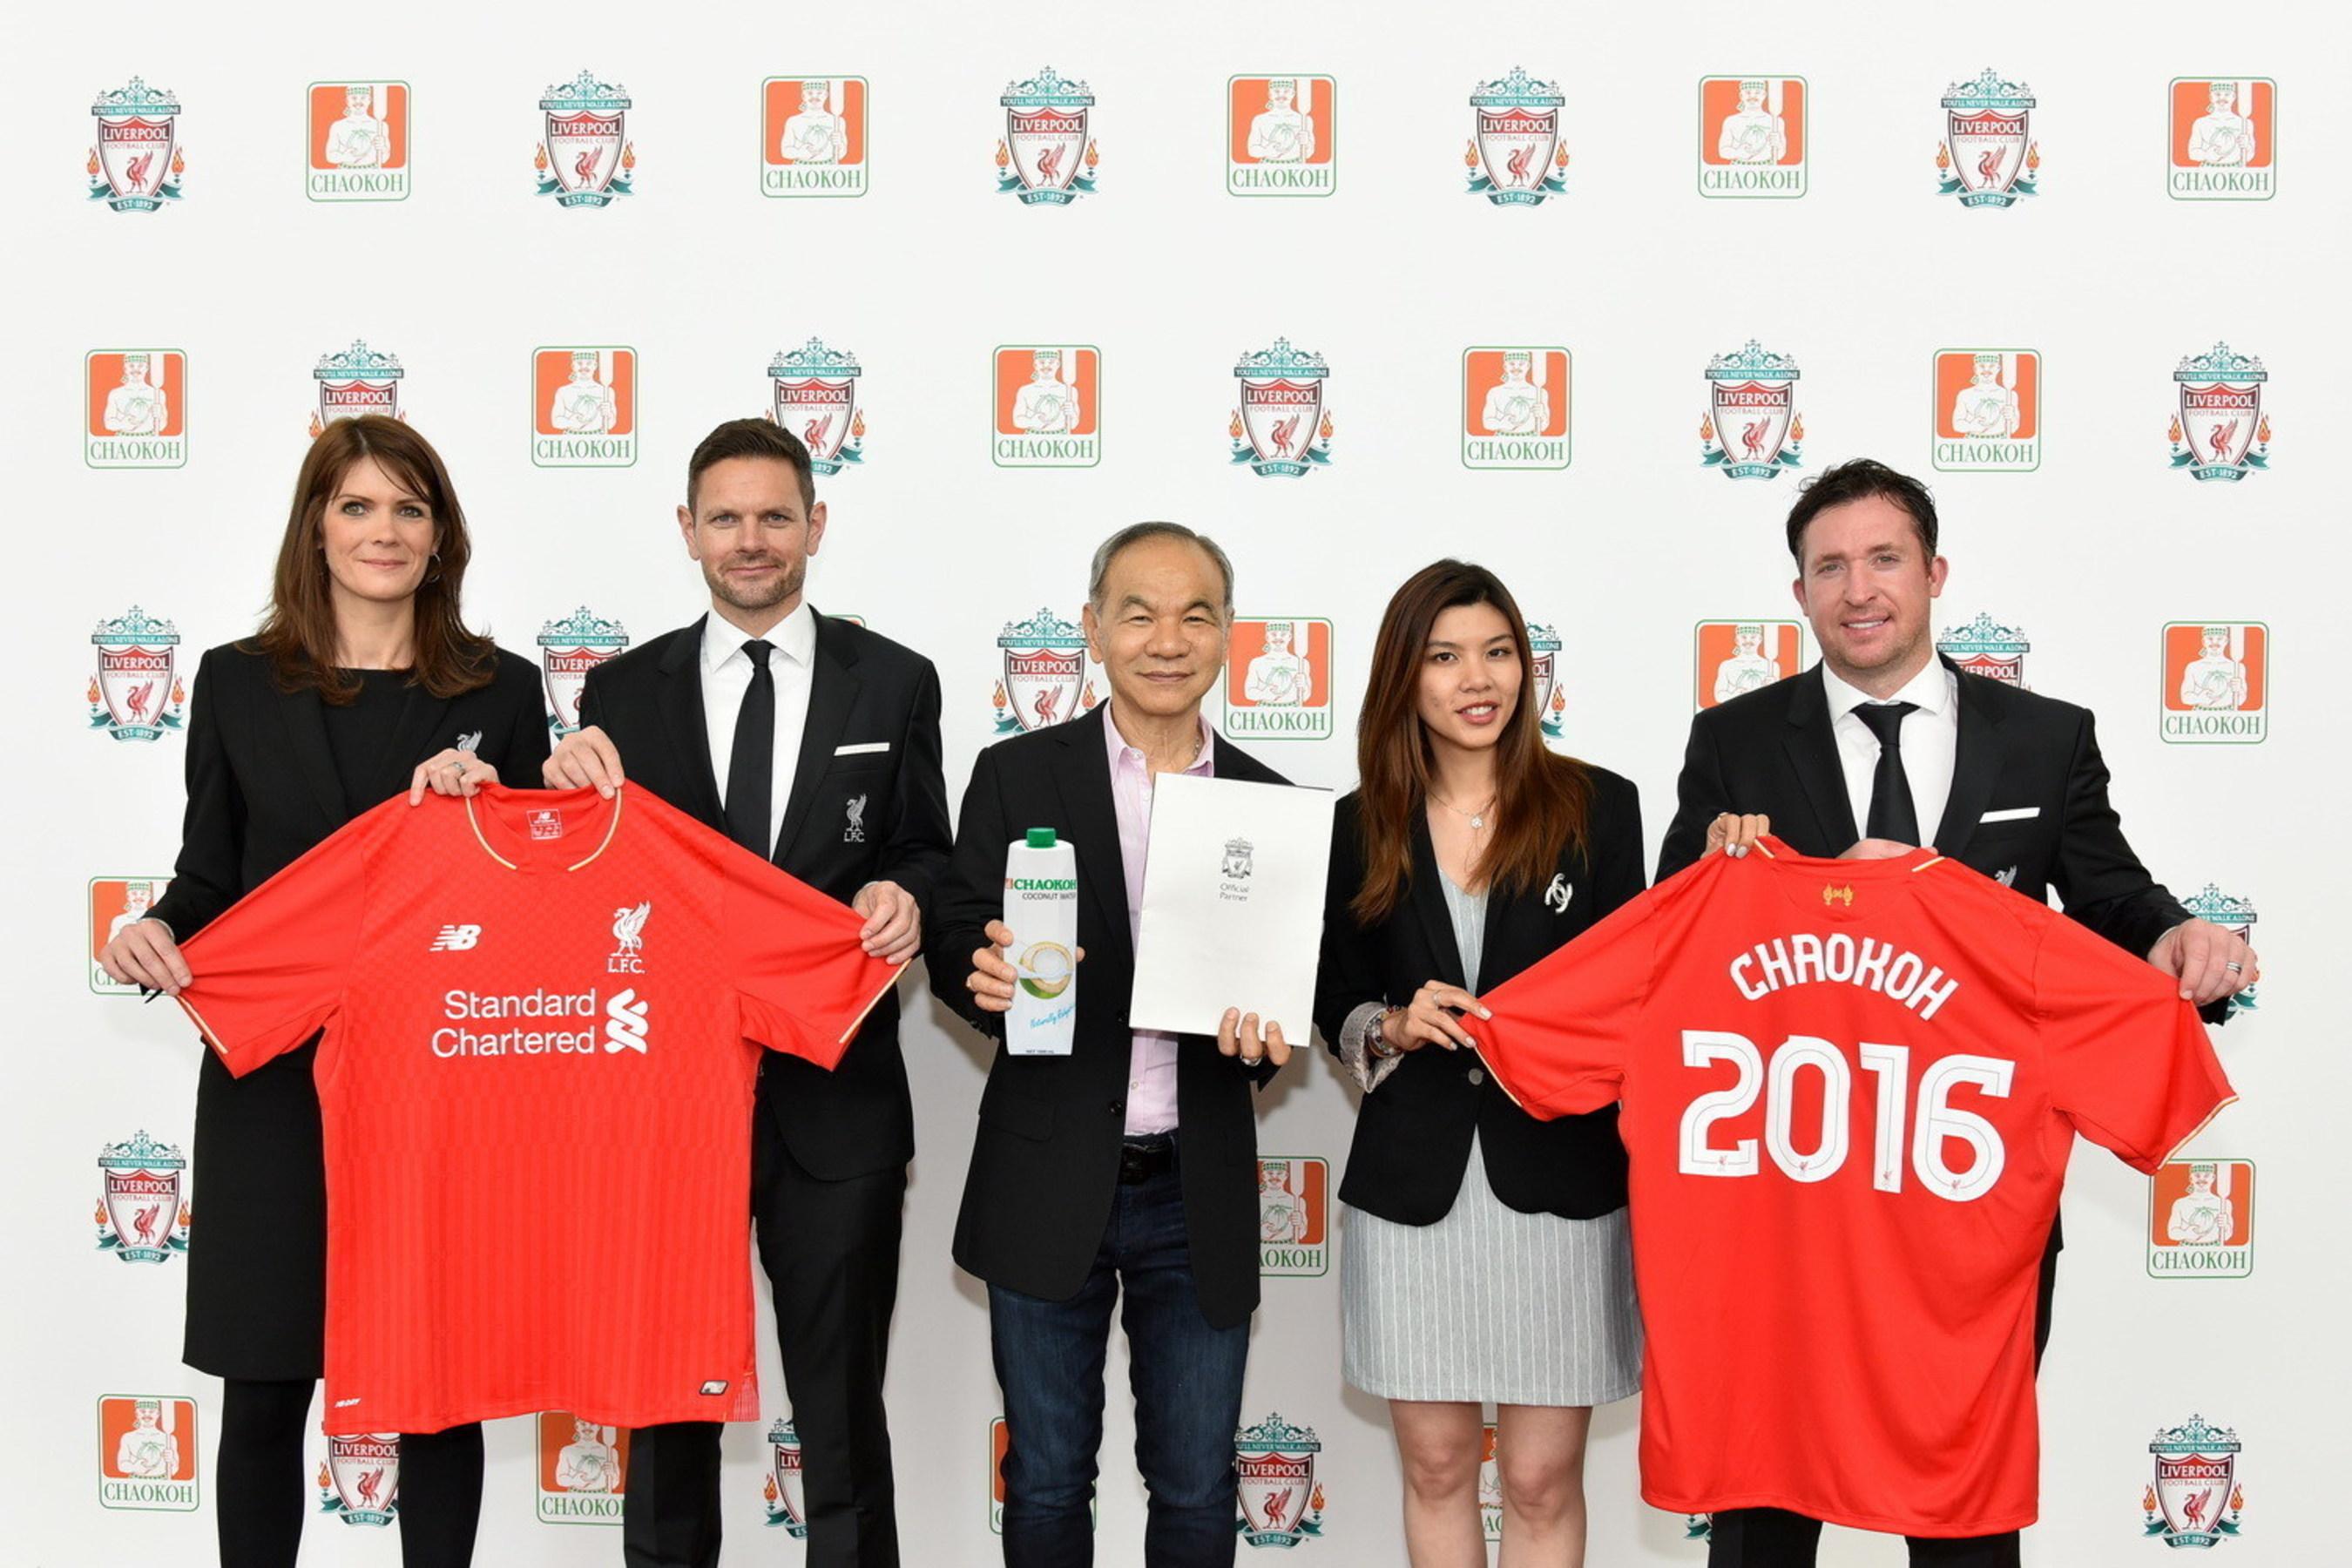 Chaokoh, offizieller Kokoswasser-Partner des FC Liverpool